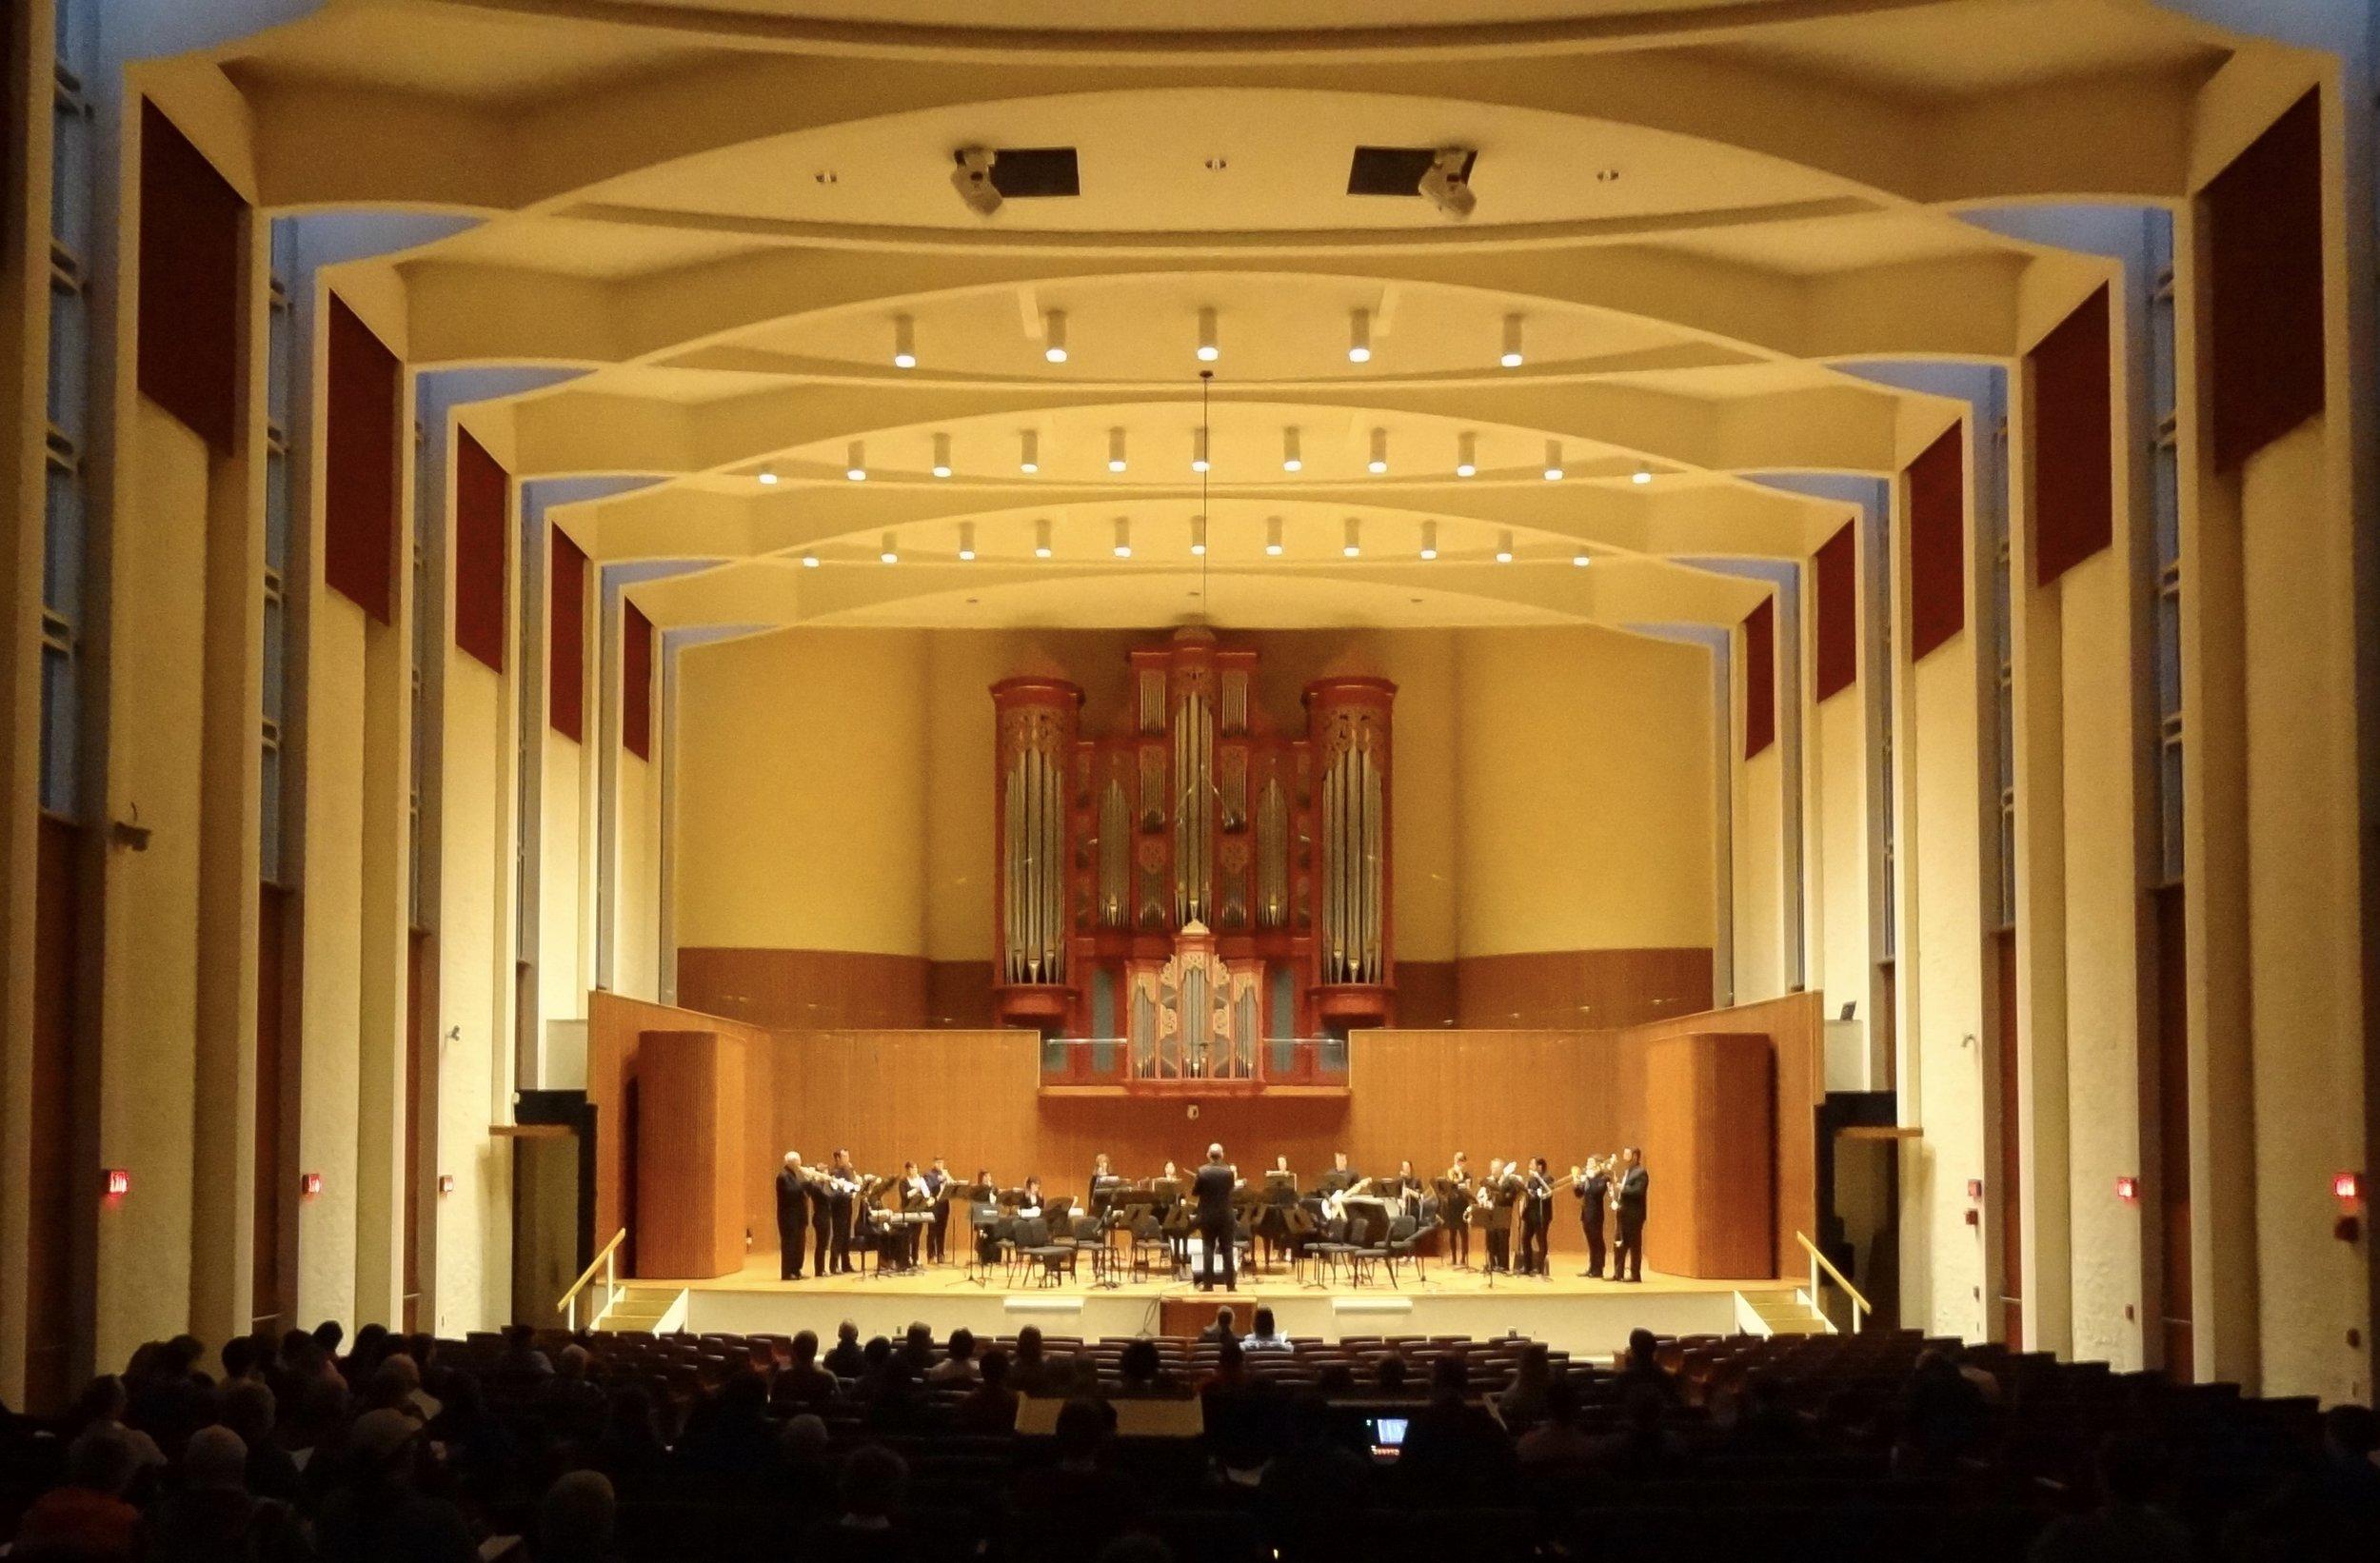 Oberlin Sinfonietta, Tim Weiss conducting, playing Gordon's  No Anthem  in Warner Hall